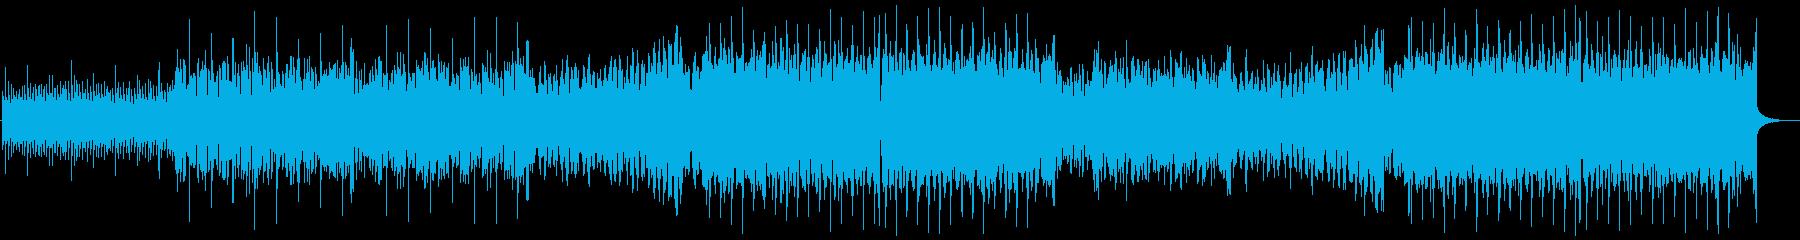 美しくメロウなFuture Bassの再生済みの波形